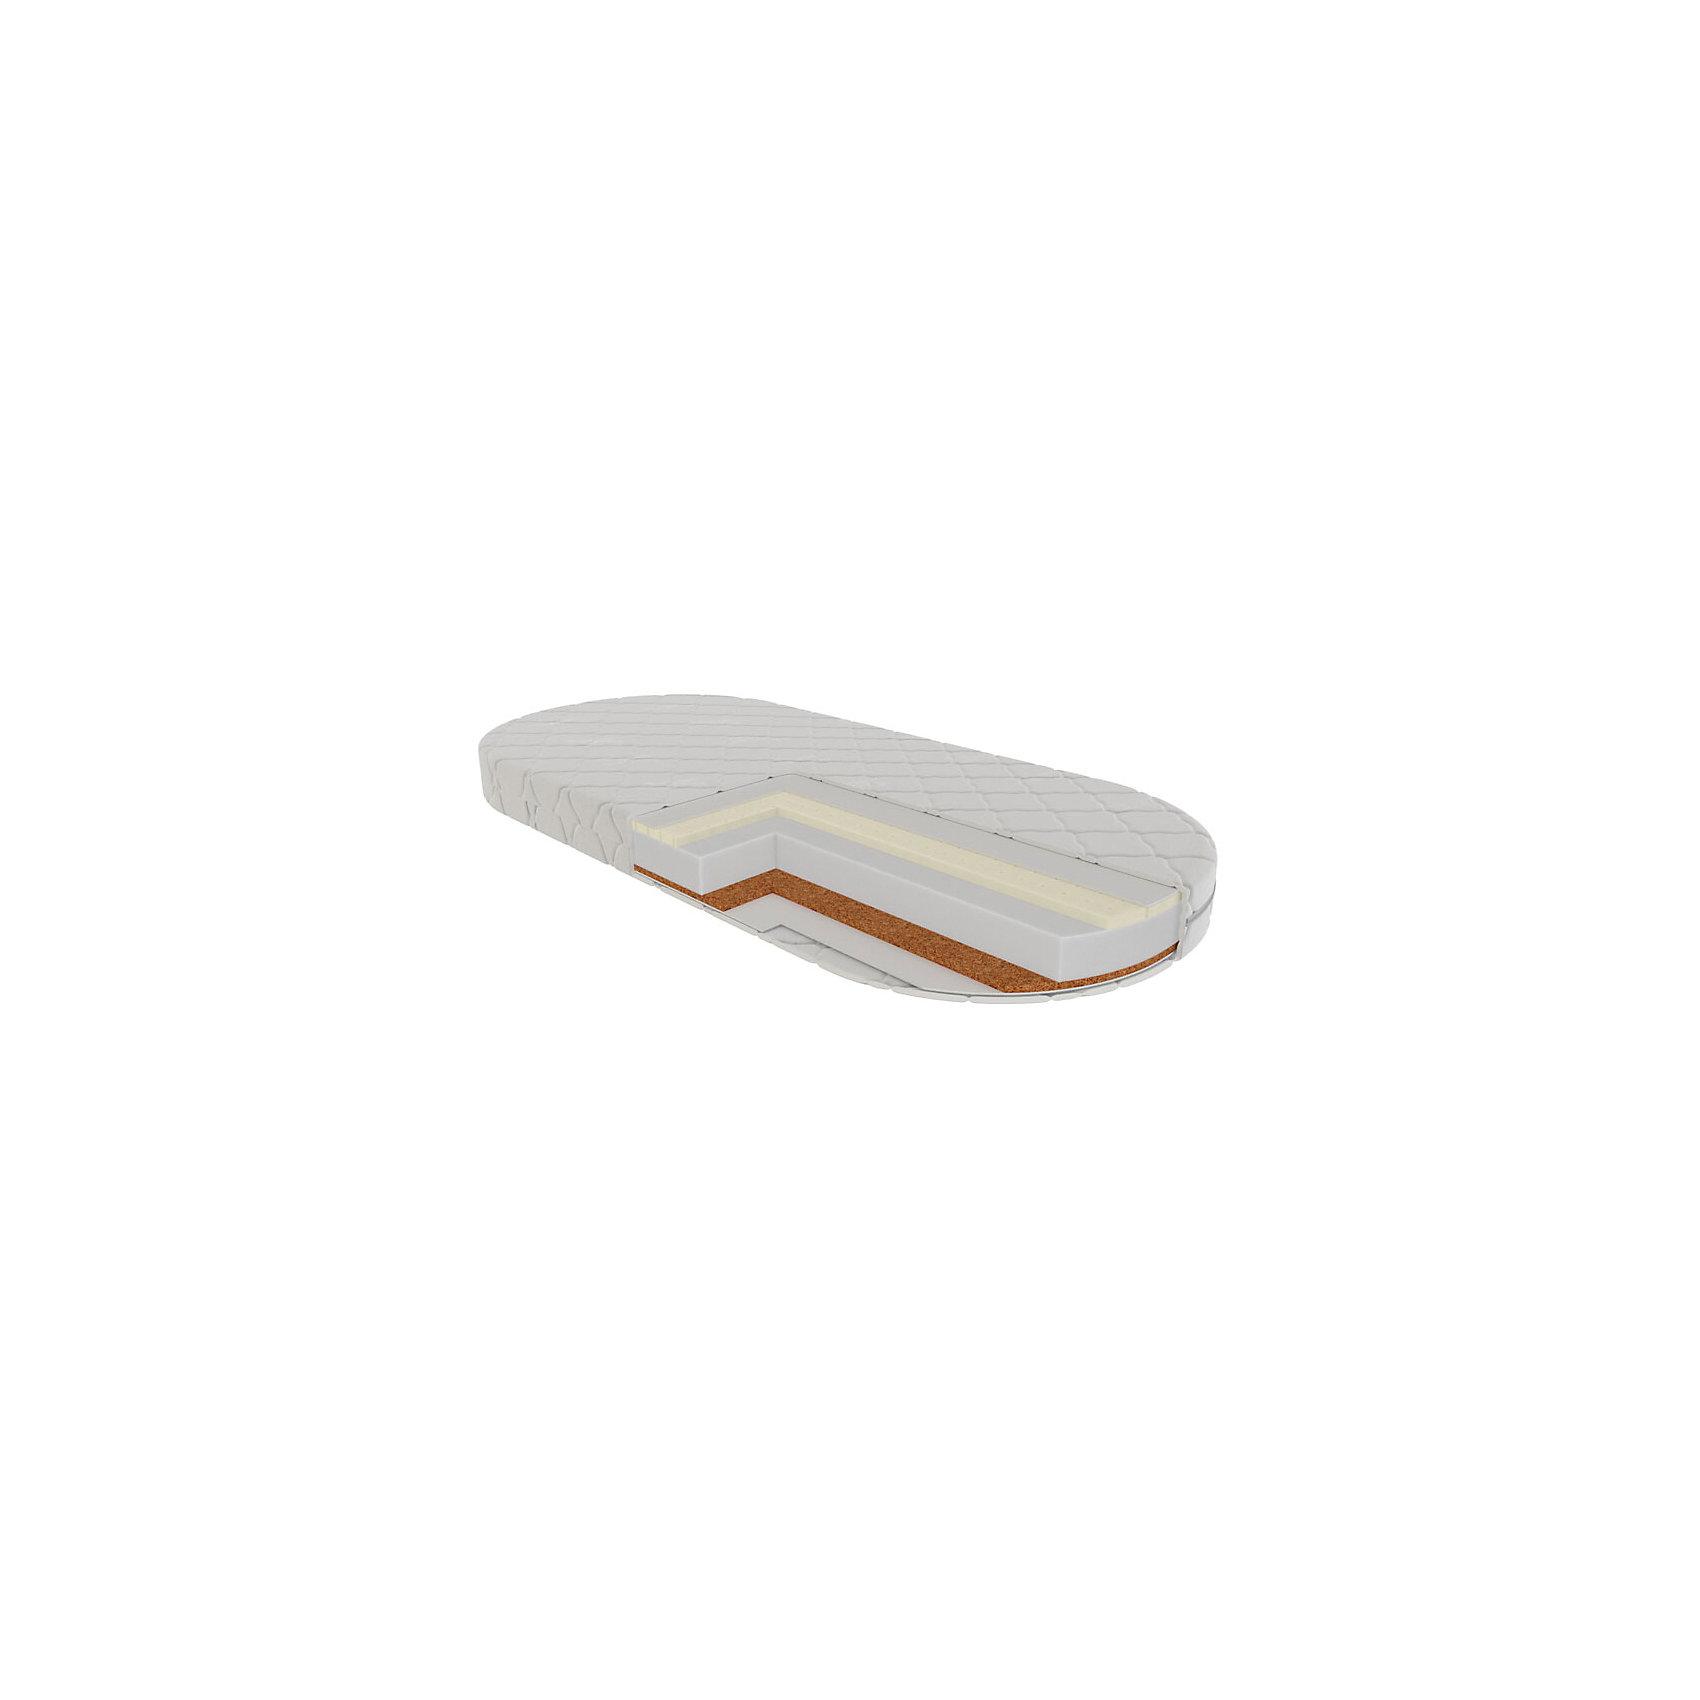 Матрас Палермо овальный 125х65, VikalexМатрасы<br>Характеристики:<br><br>• двусторонний матрас в детскую кроватку;<br>• размер матраса: 125х65х14 см;<br>• материал: кокосовое волокно 50 мм, латекс 10 мм, Hollcon 60 мм (спиральное волокно из пружинок), нетканый материал Airotek;<br>• чехол с пропиткой алоэ-вера с защитой от клещей;<br>• стеганый чехол (ткань ТИК) на молнии;<br>• чехол можно снять и постирать при температуре 30 градусов;<br>• вес матраса: 4,6 кг.<br><br>Матрас разной степени жесткости дает возможность укладывать ребенка на ровное жесткое основание, для формирования правильной осанки. Матрас гарантирует комфорт и при этом анатомически правильную поддержку позвоночника ребенка - это крайне важно, ведь в первые месяцы жизни малыша закладывается динамика развития систем органов. Эластичность и прочность матраса наряду с гипоаллергенностью и воздухопроницаемостью отвечает самым высоким европейским стандартам.  <br><br>Матрас Палермо овальный 125х65, Vikalex можно купить в нашем магазине.<br><br>Ширина мм: 530<br>Глубина мм: 130<br>Высота мм: 580<br>Вес г: 3200<br>Возраст от месяцев: 0<br>Возраст до месяцев: 36<br>Пол: Унисекс<br>Возраст: Детский<br>SKU: 5353867